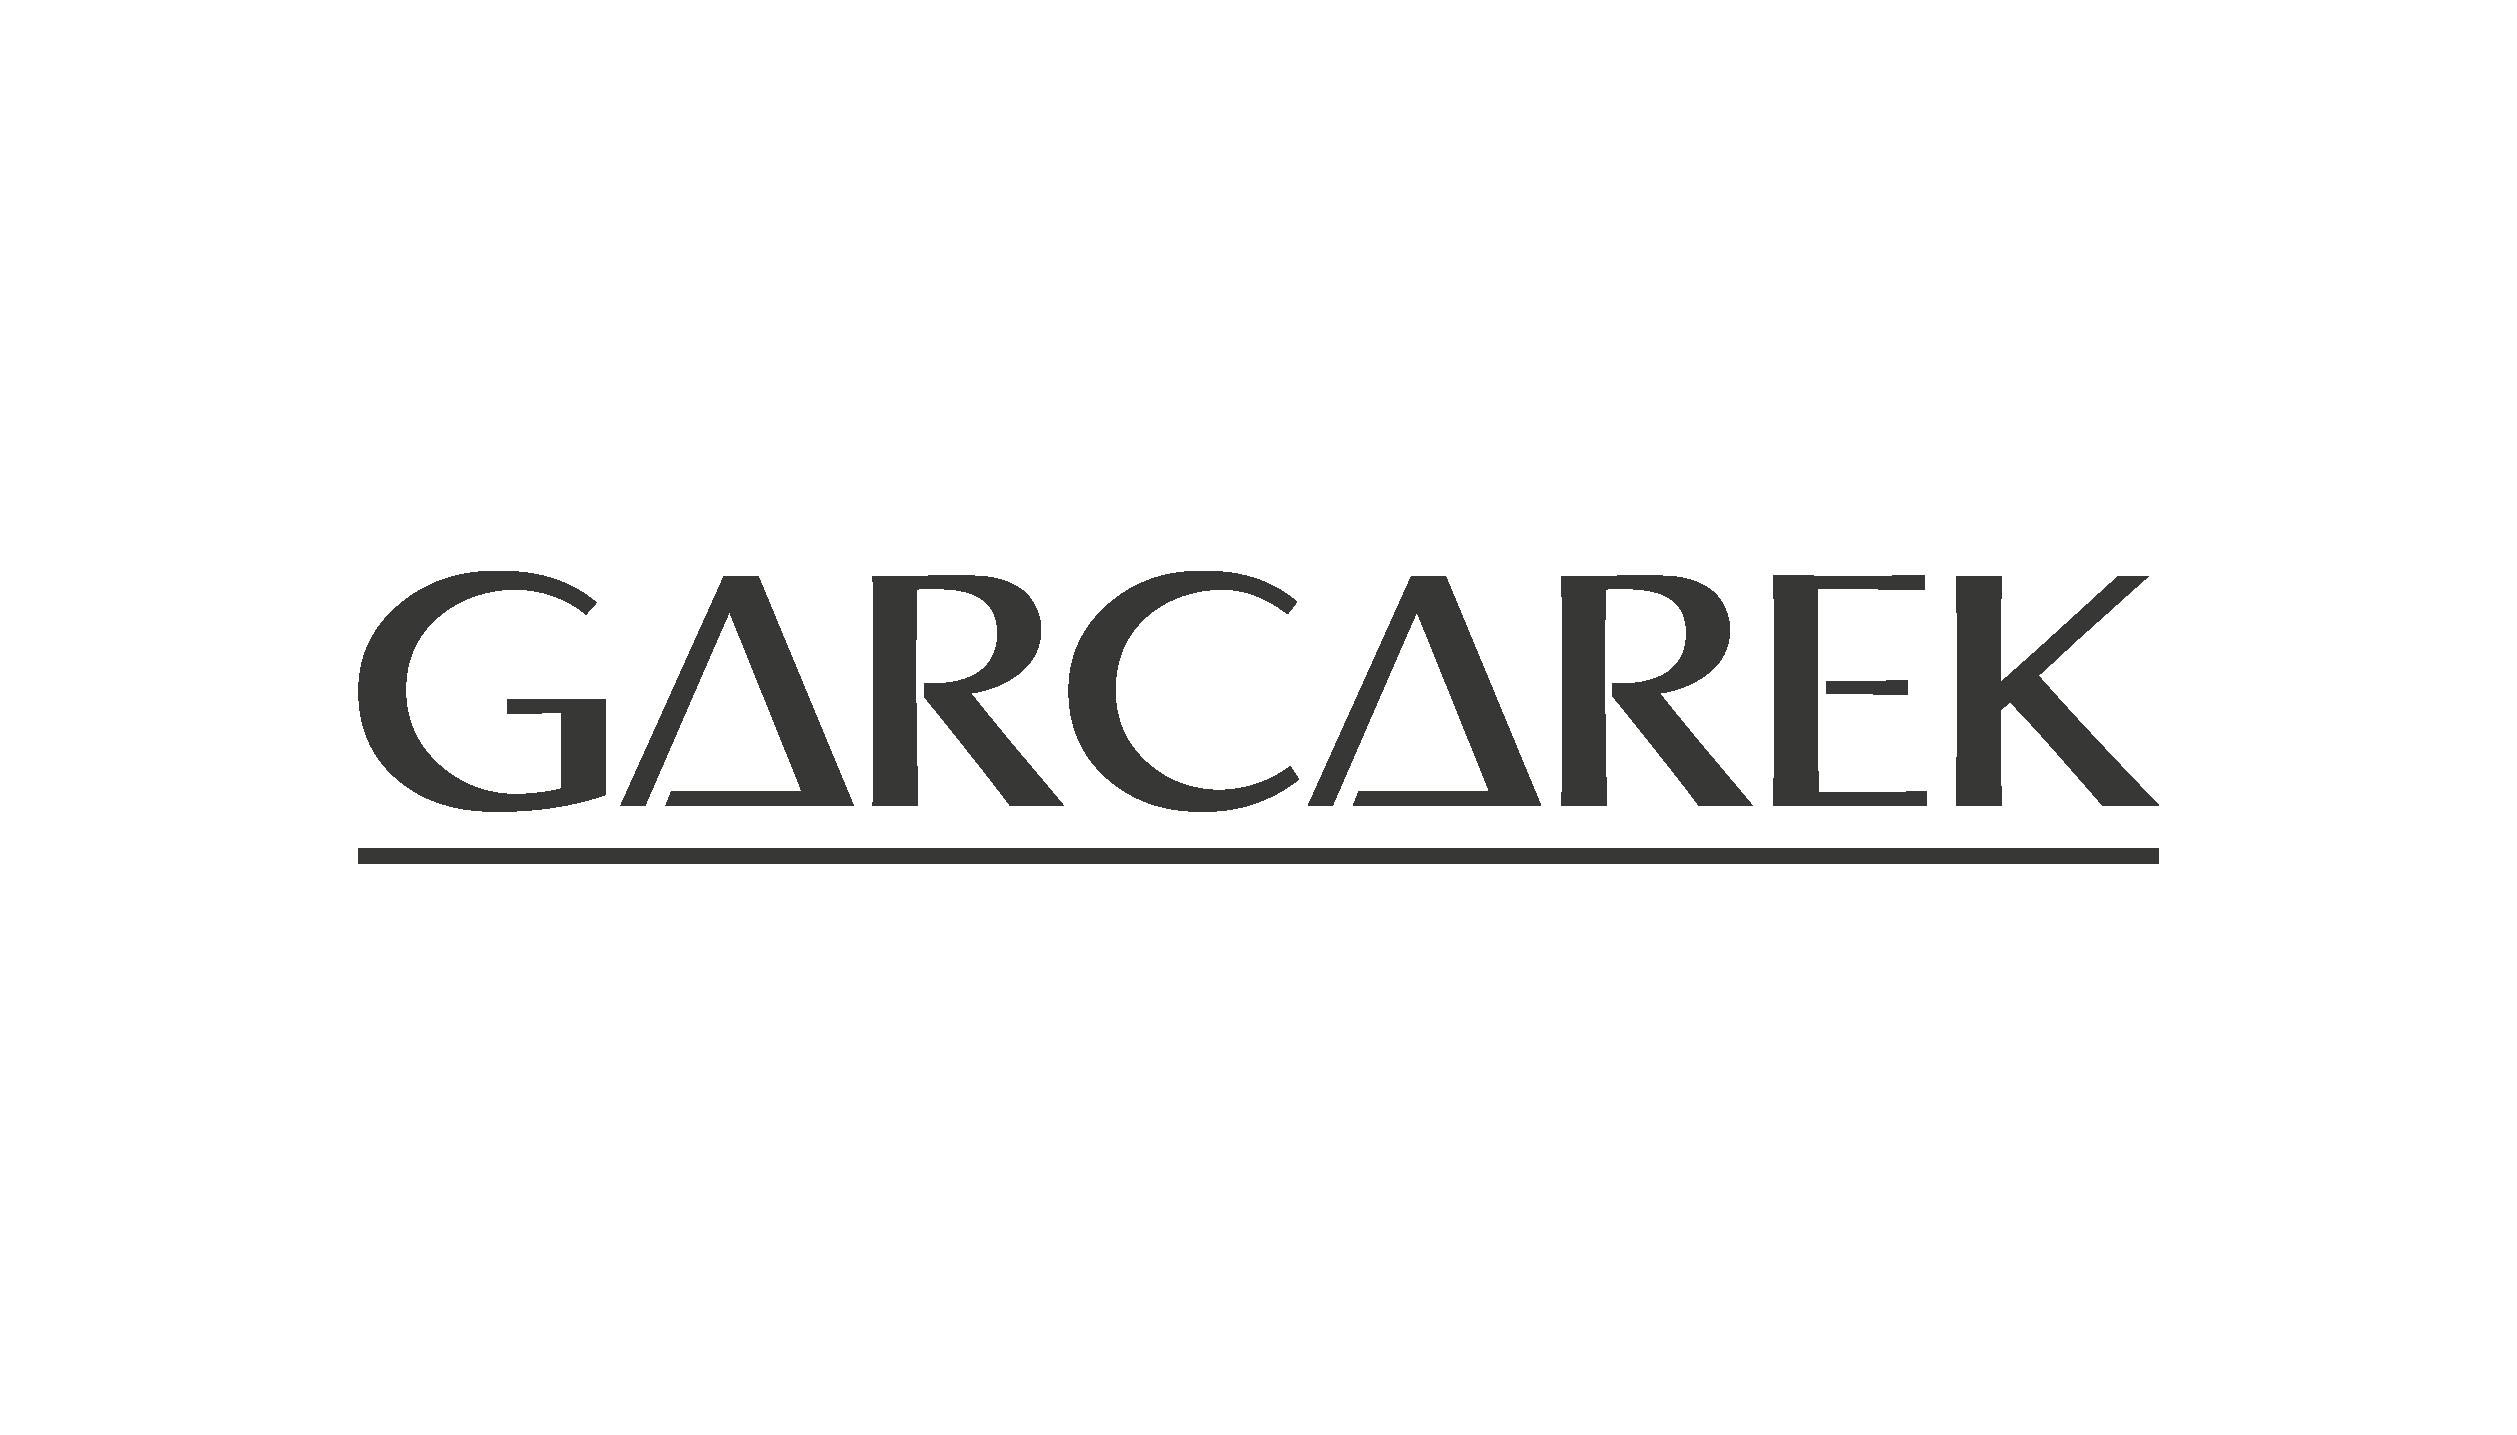 Garcarek